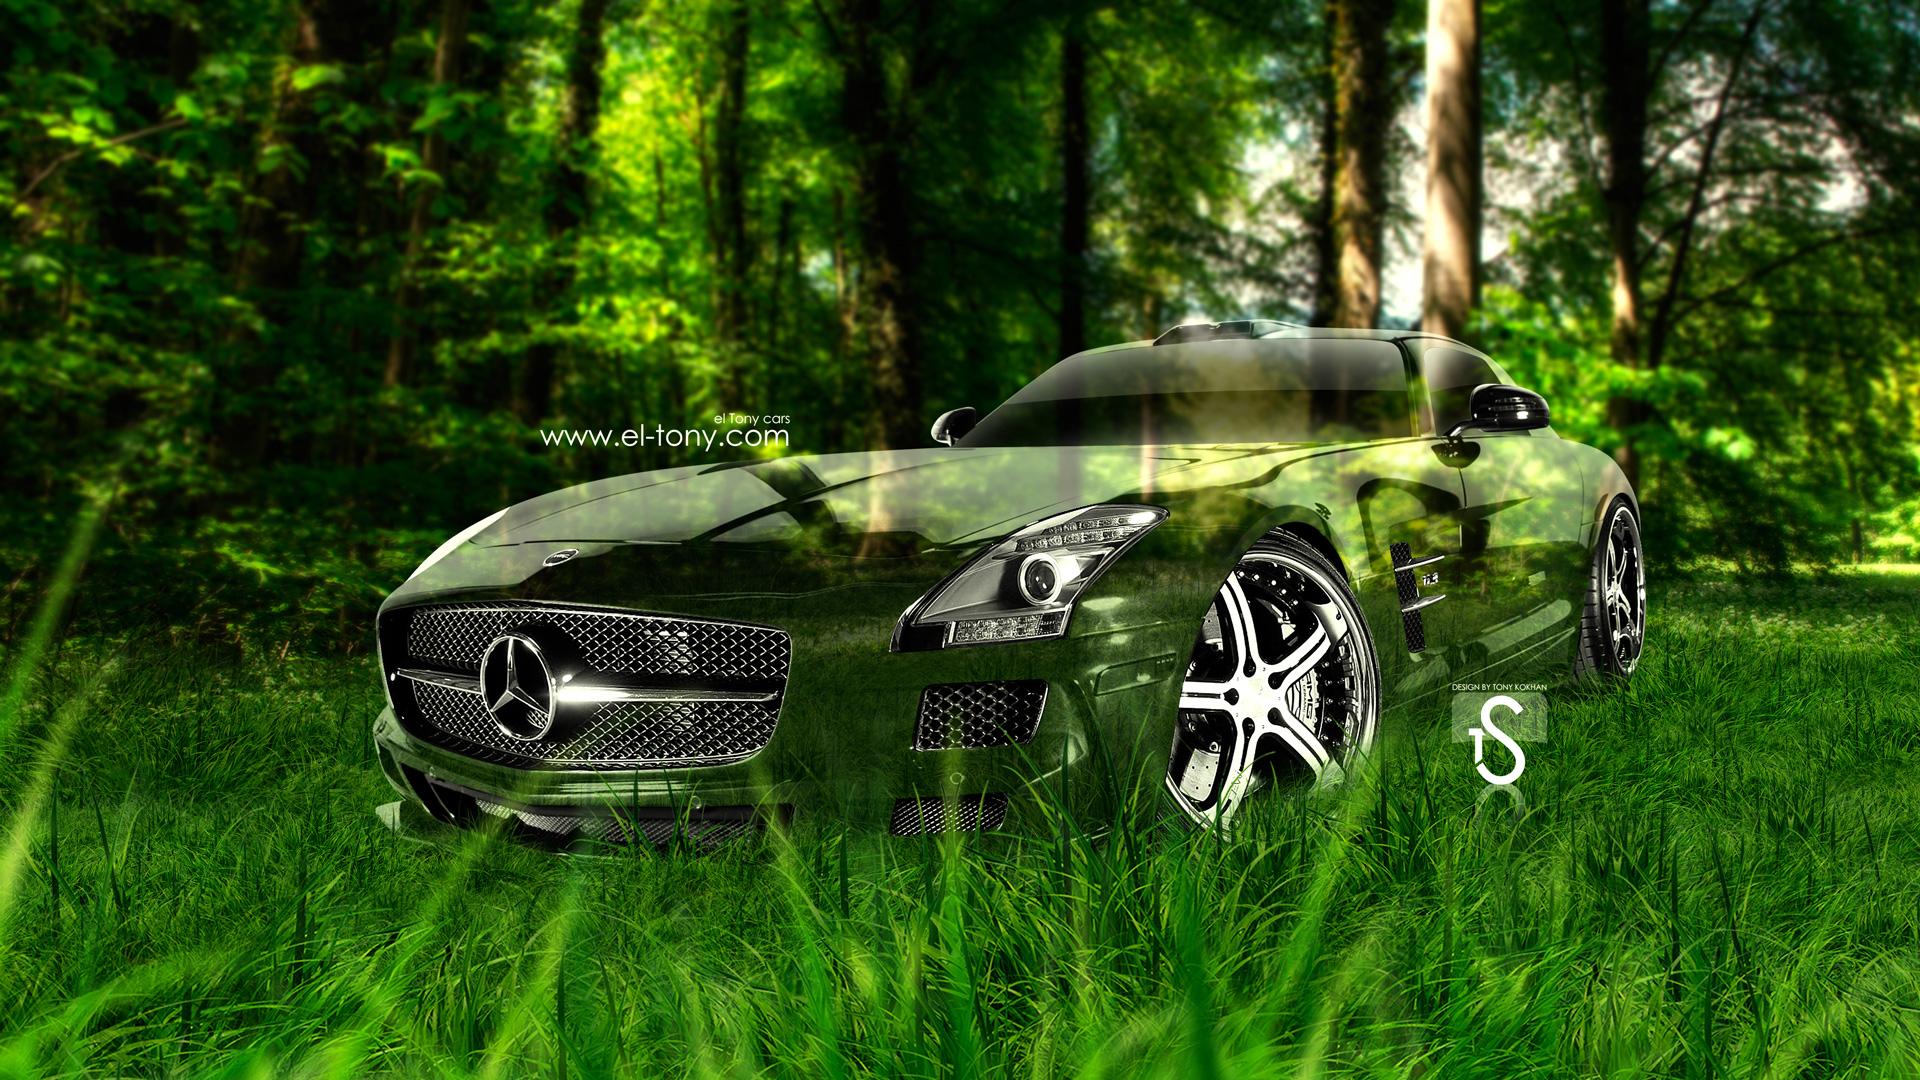 Mercedes Benz Sls Amg Crystal Nature Car 2013 Hd Wallpapers Design